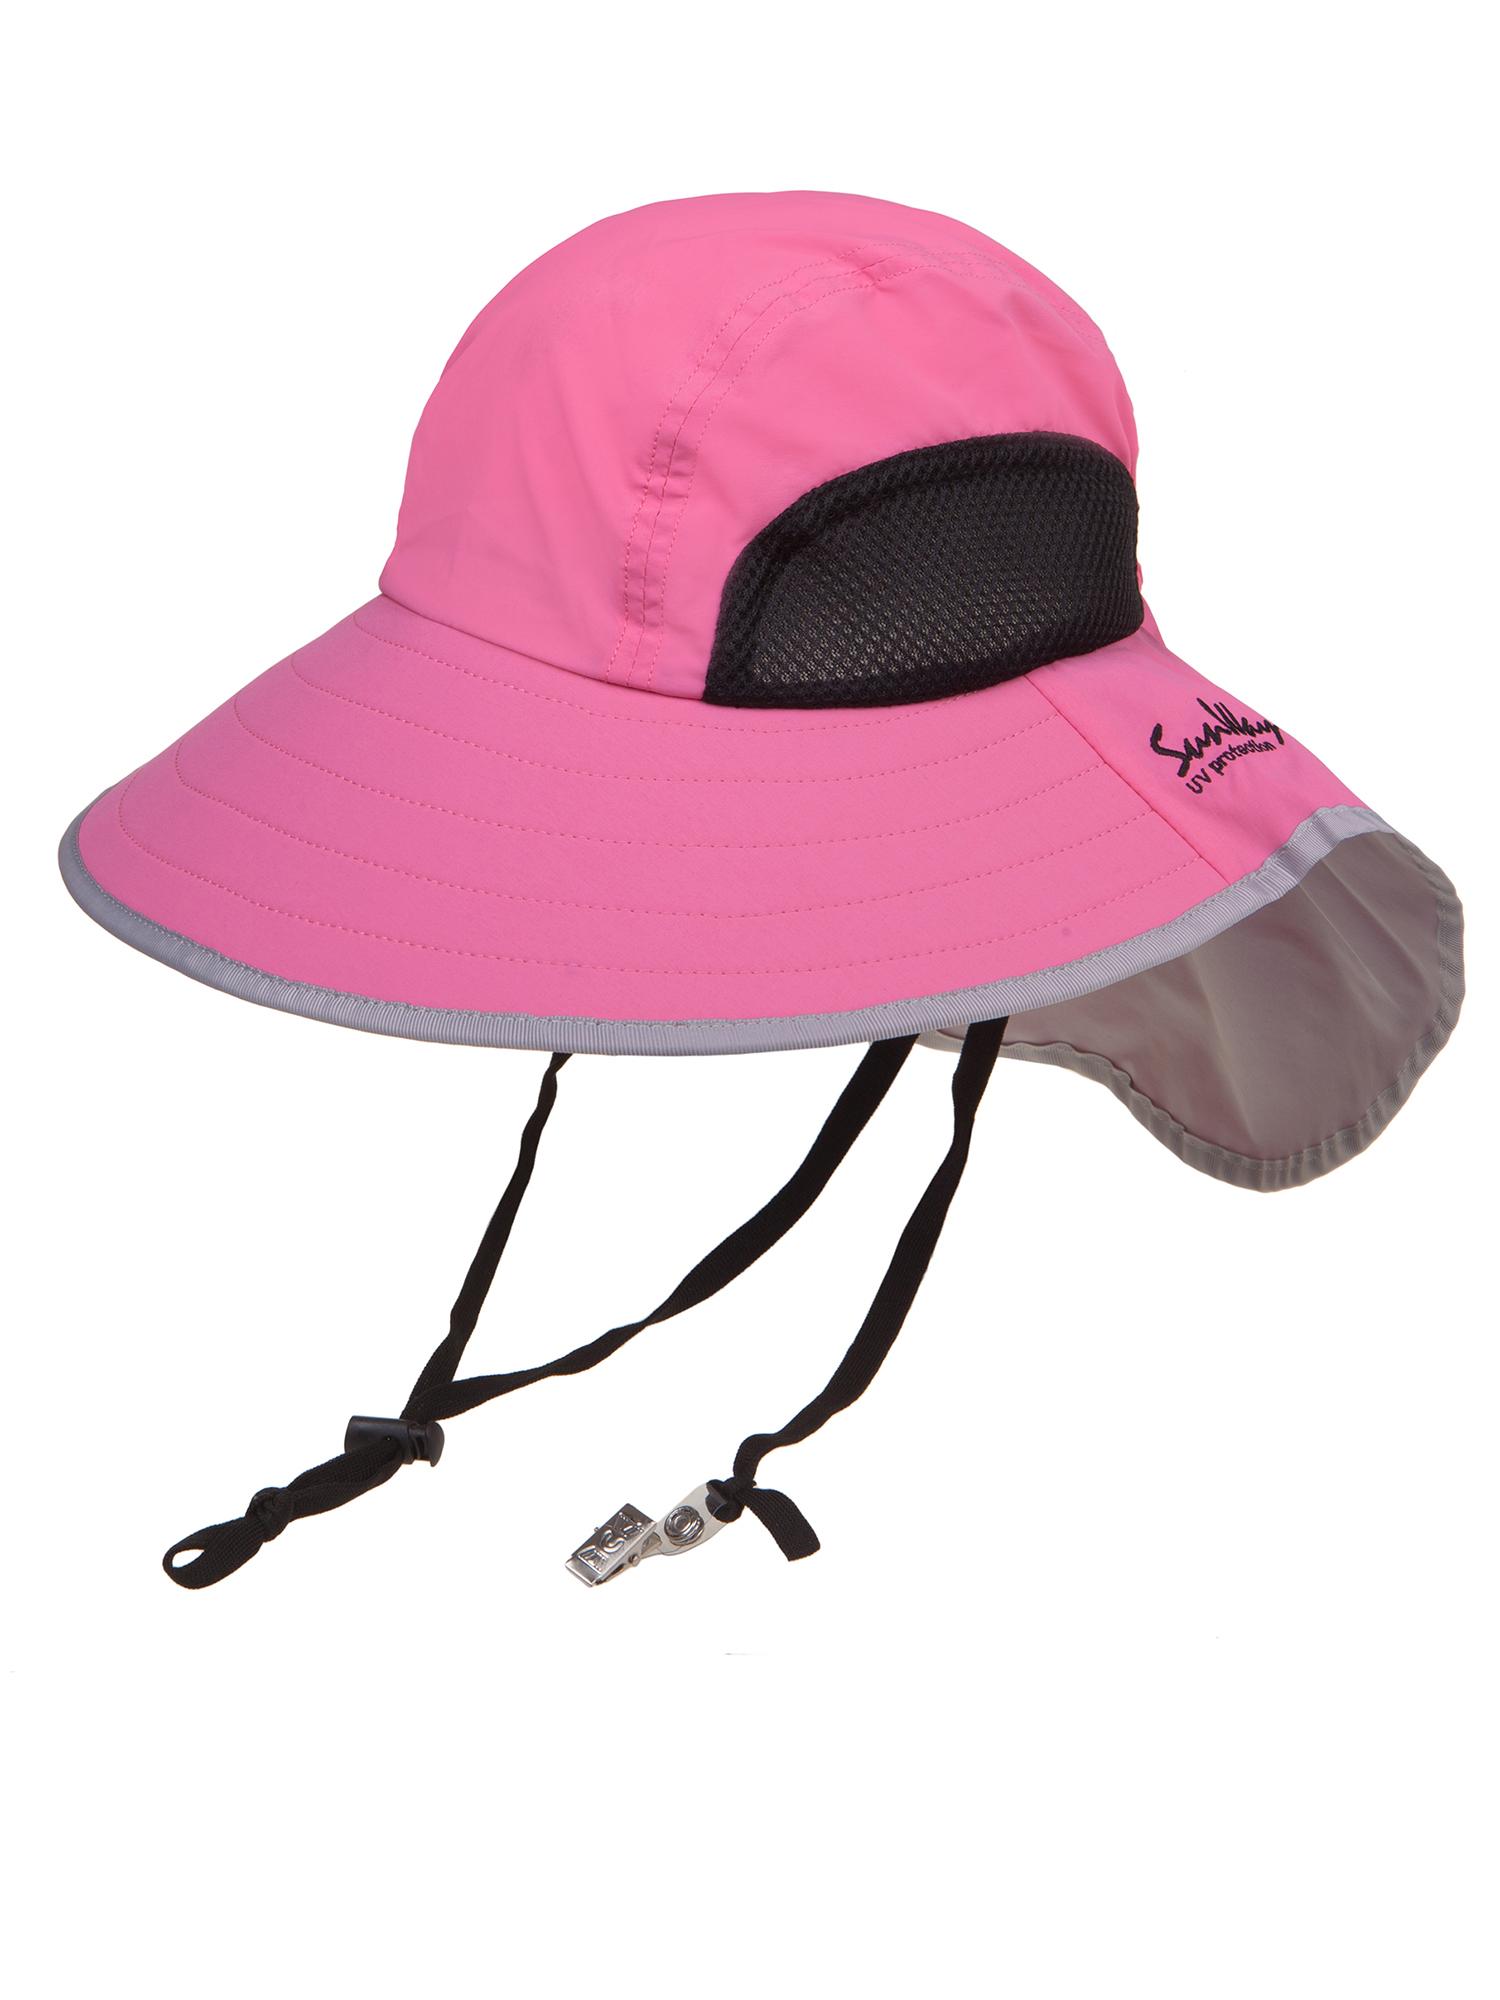 Pink wide brim hat